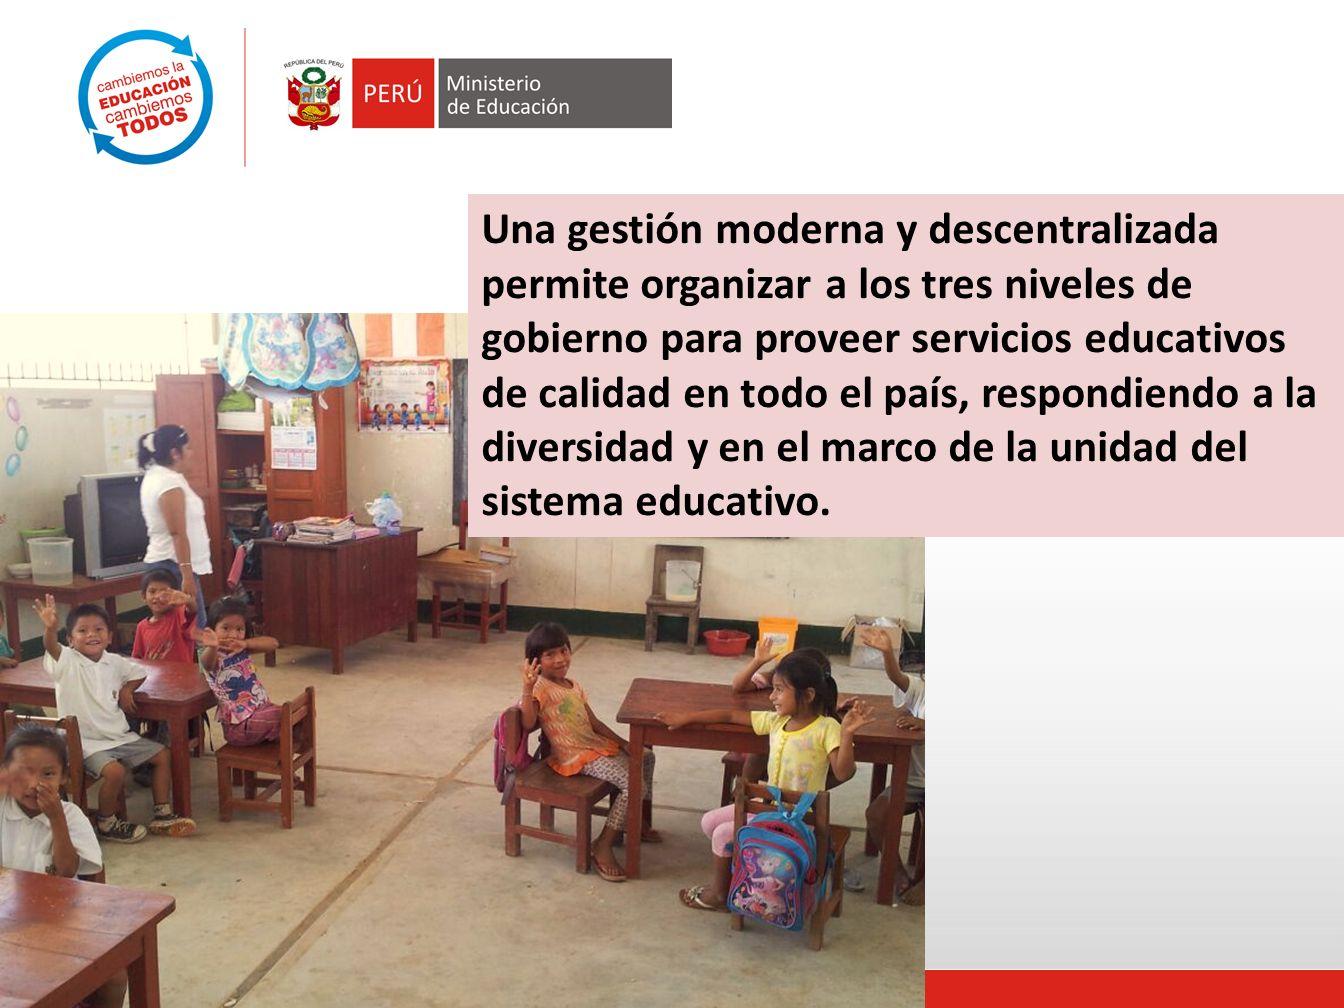 Una gestión moderna y descentralizada permite organizar a los tres niveles de gobierno para proveer servicios educativos de calidad en todo el país, respondiendo a la diversidad y en el marco de la unidad del sistema educativo.